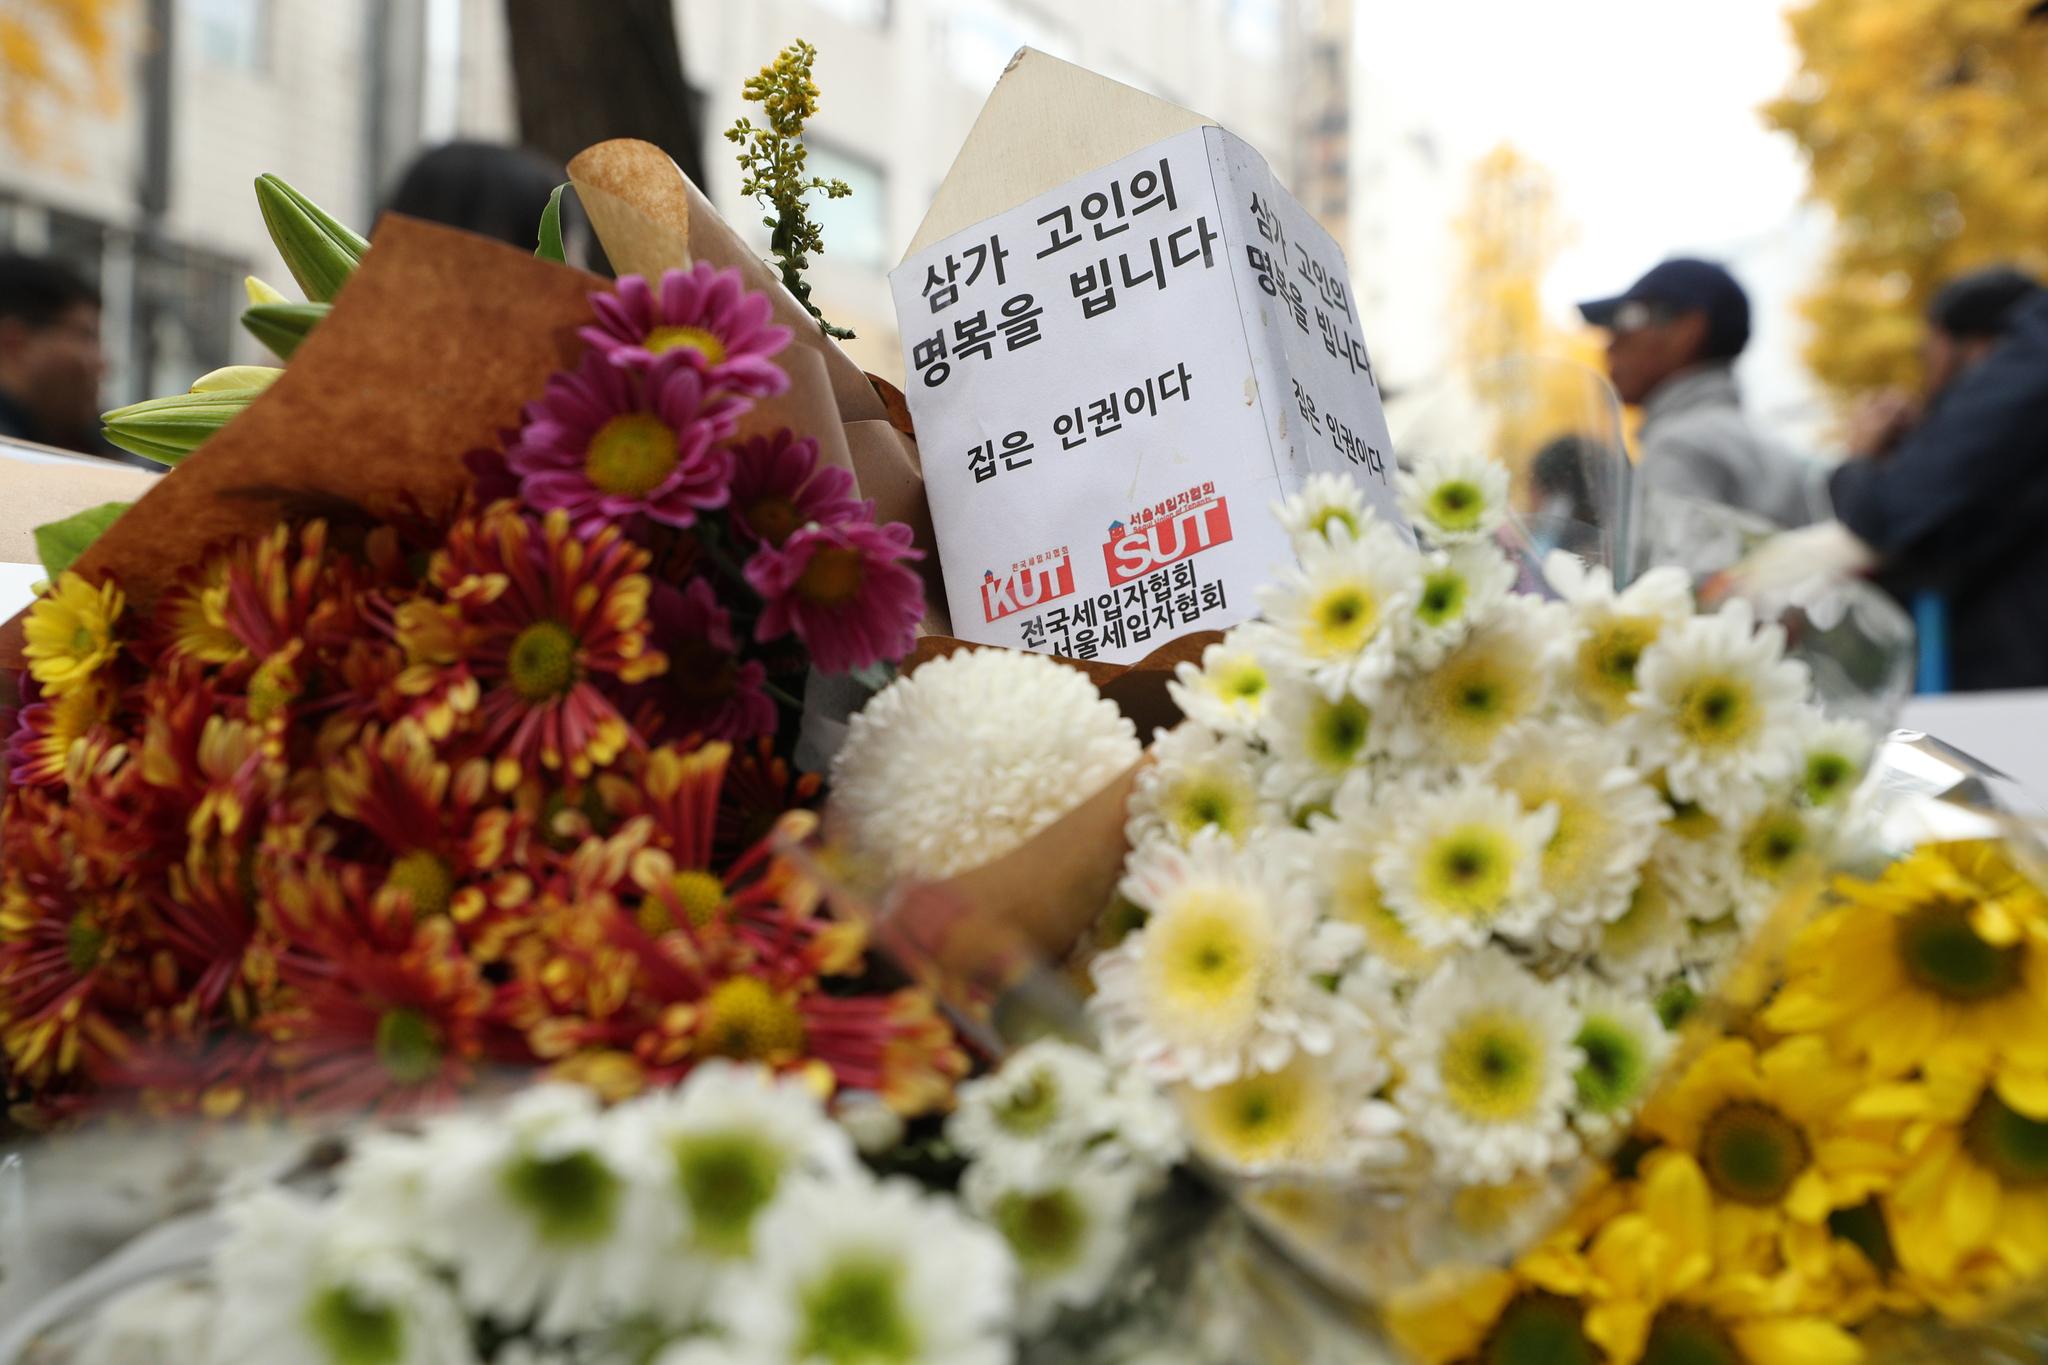 지난 11일 오전 서울 종로구 관수동 국일고시원 앞에 화재 희생자들을 추모하는 꽃이 놓여 있다. [뉴스1]